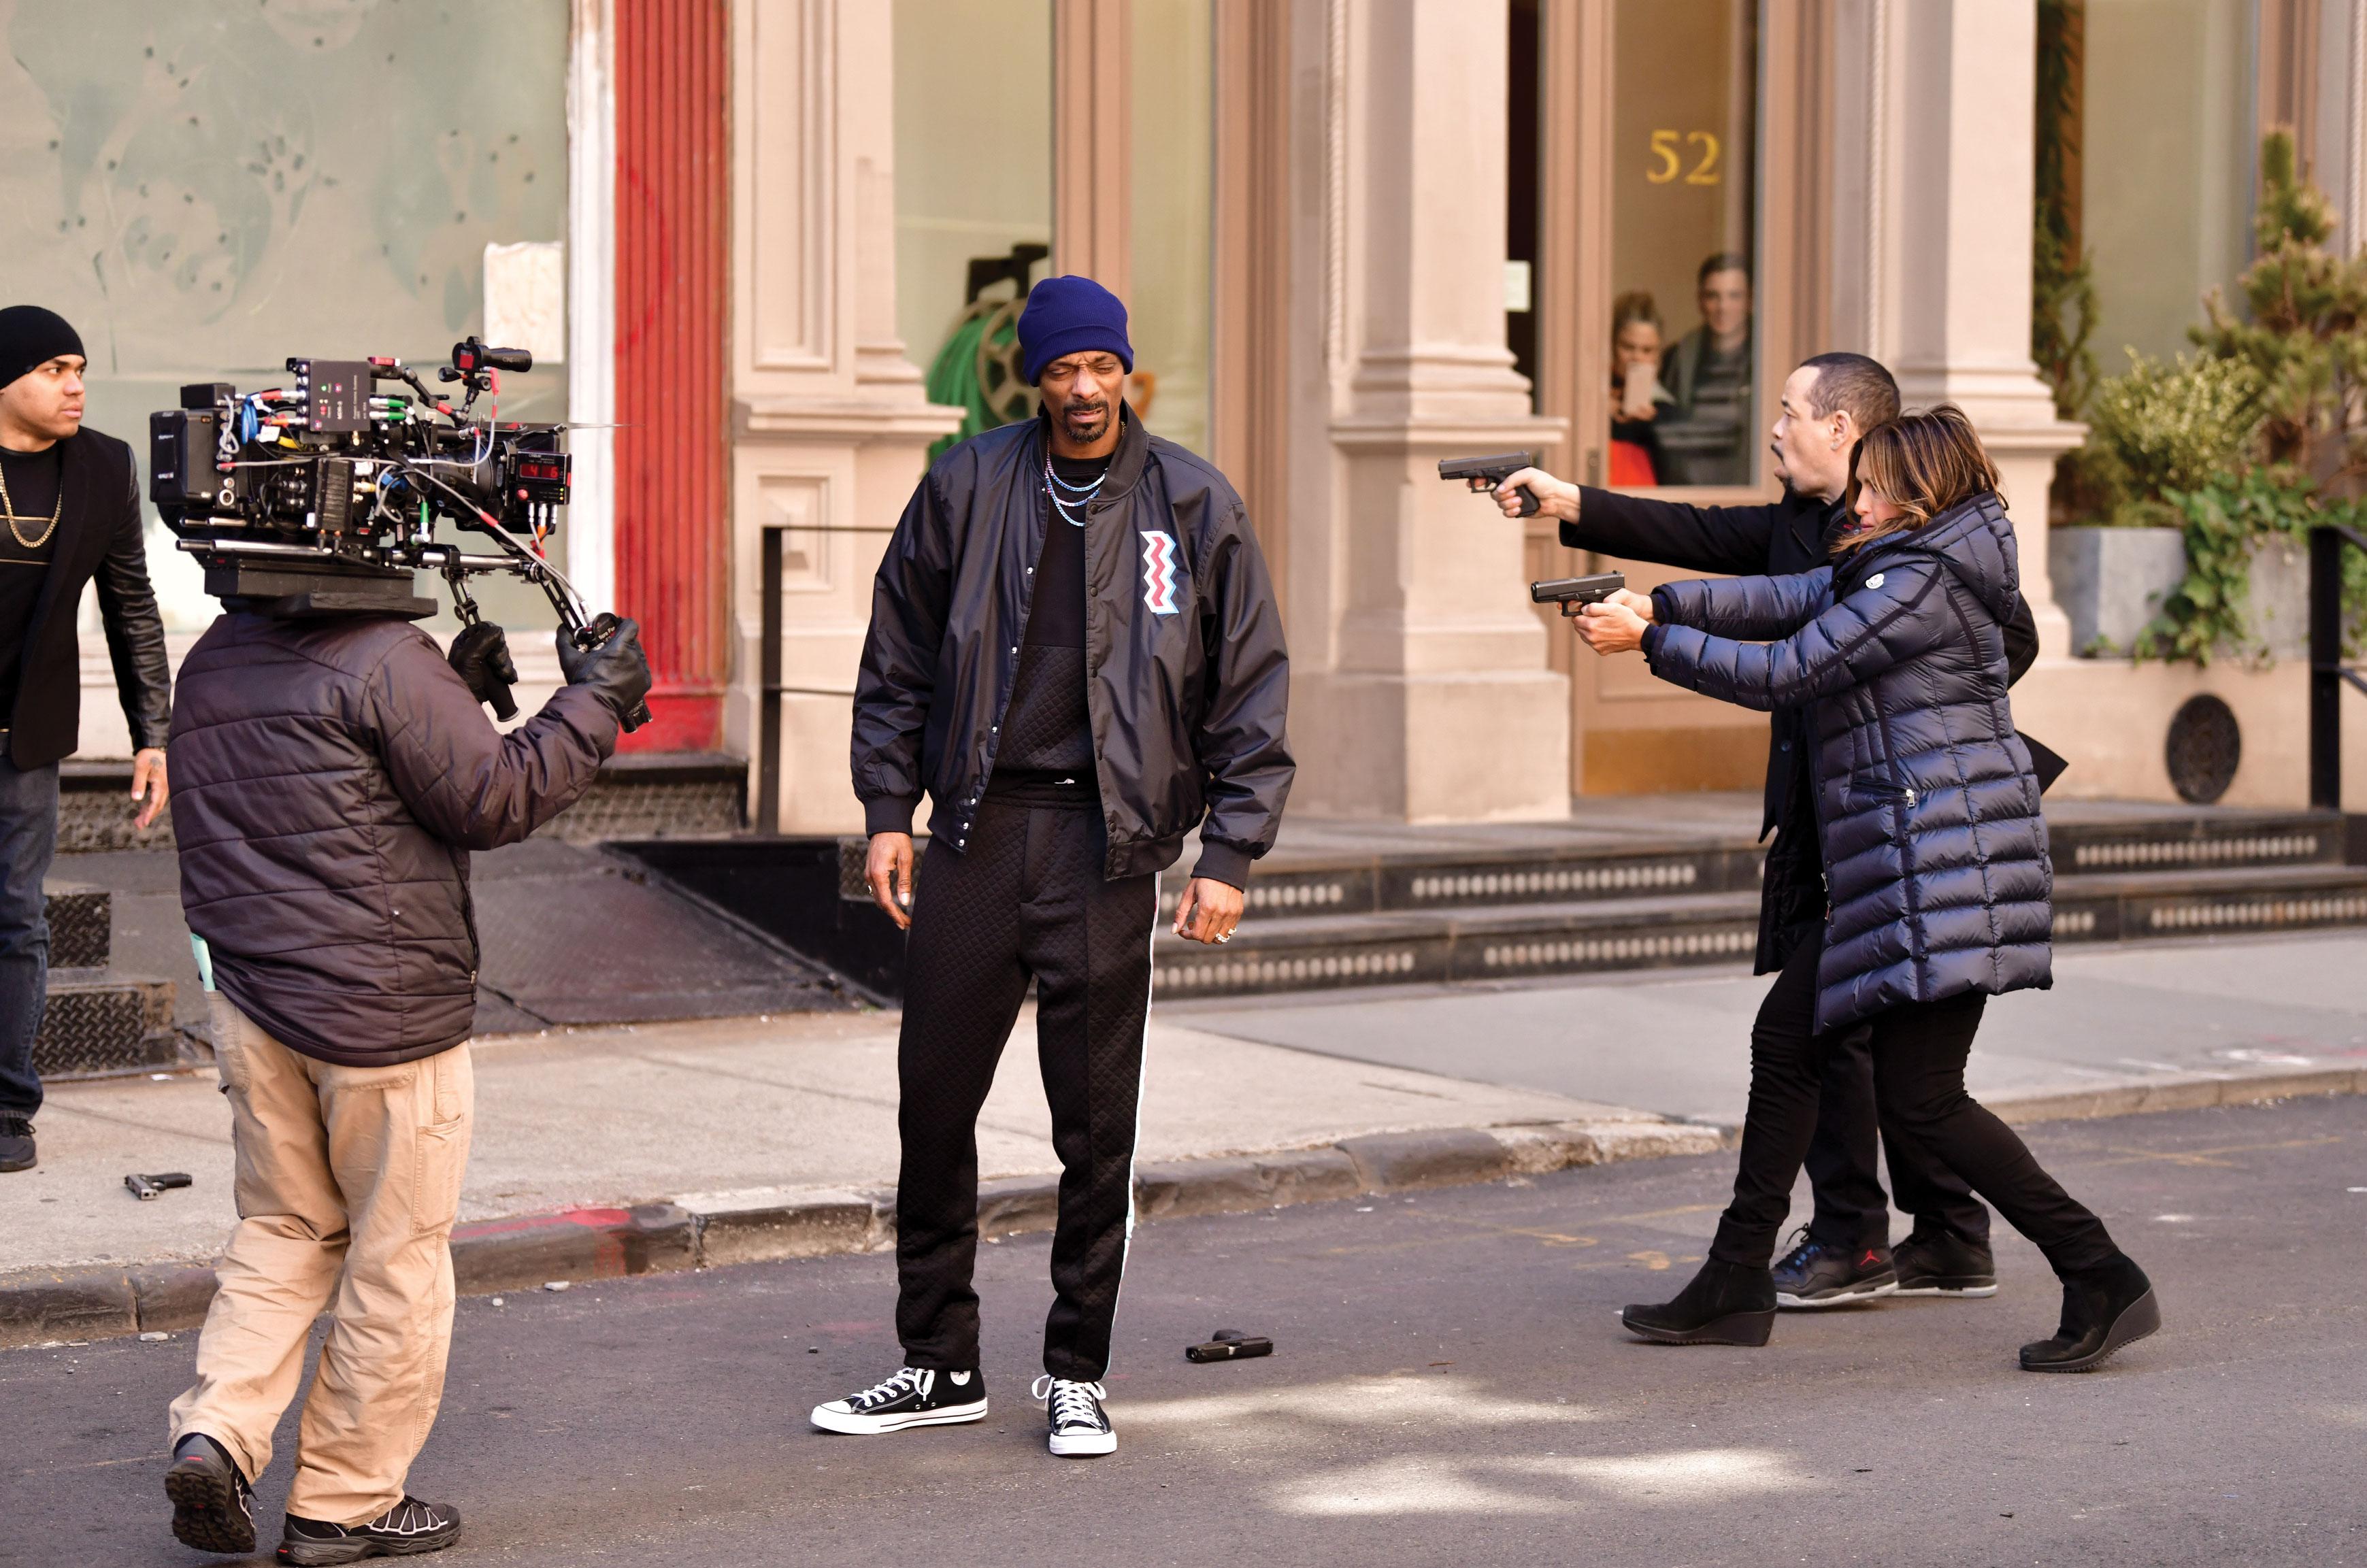 Law & Order SVU Episode Filming